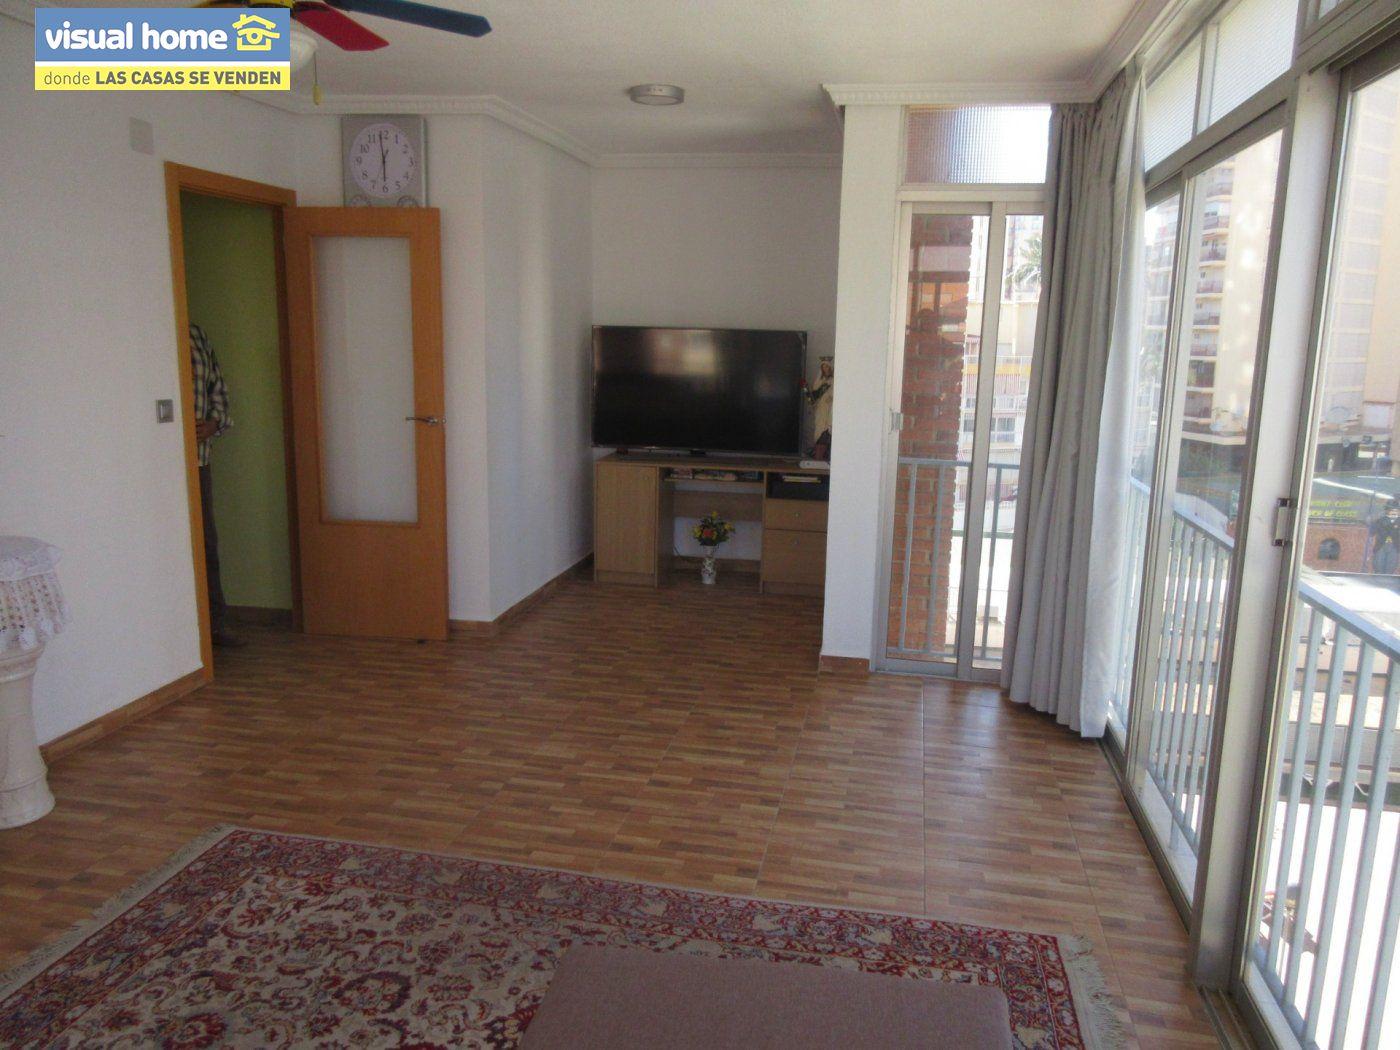 Apartamento todo exterior en Av/ Mediterráneo con garaje y piscina a 50 mts de la playa 18